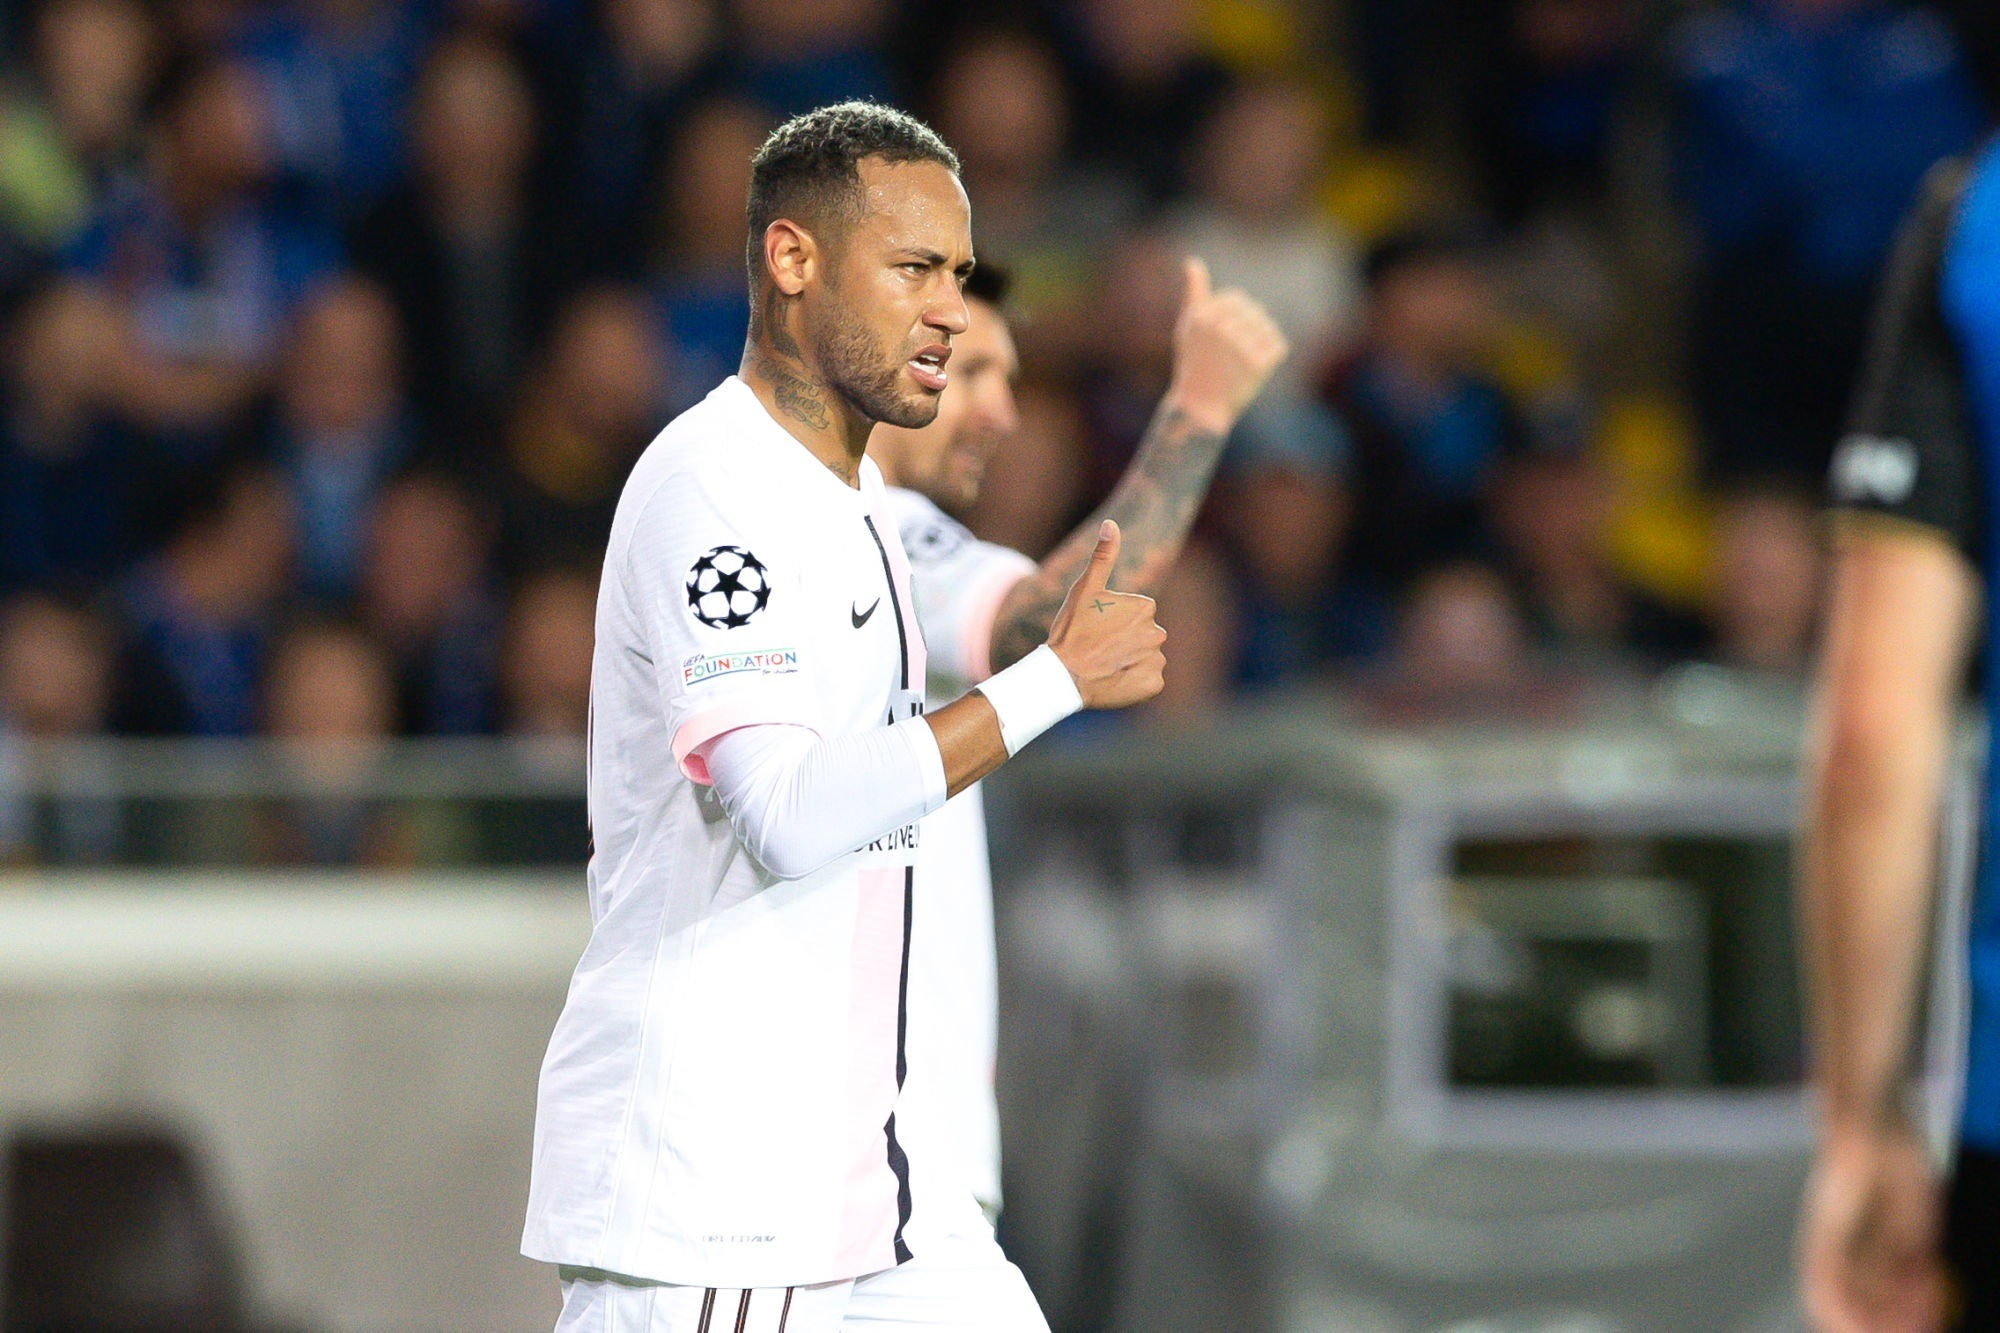 Les propos de Neymar sur son avenir «ça le rend humain», assure Di Meco